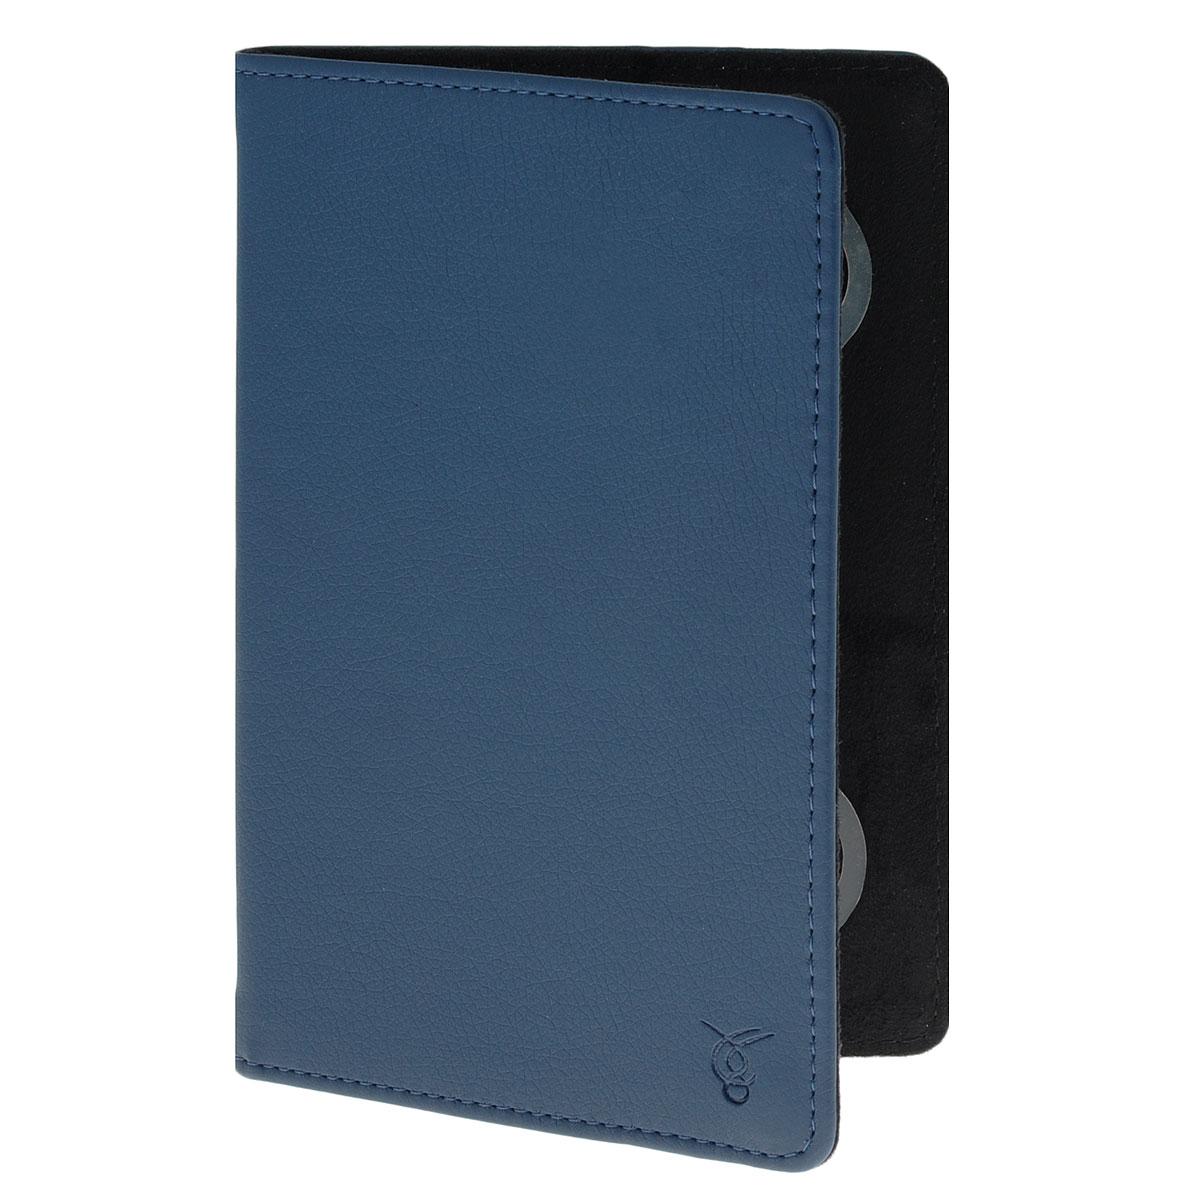 Vivacase Basic чехол для планшетов 7, Blue (VUC-CBS07-blue)VUC-CBS07-blueЧехол Viva Basic предназначен для защиты электронных устройств от механических повреждений и влаги. Крепление PVS позволяет надежно зафиксировать устройство.